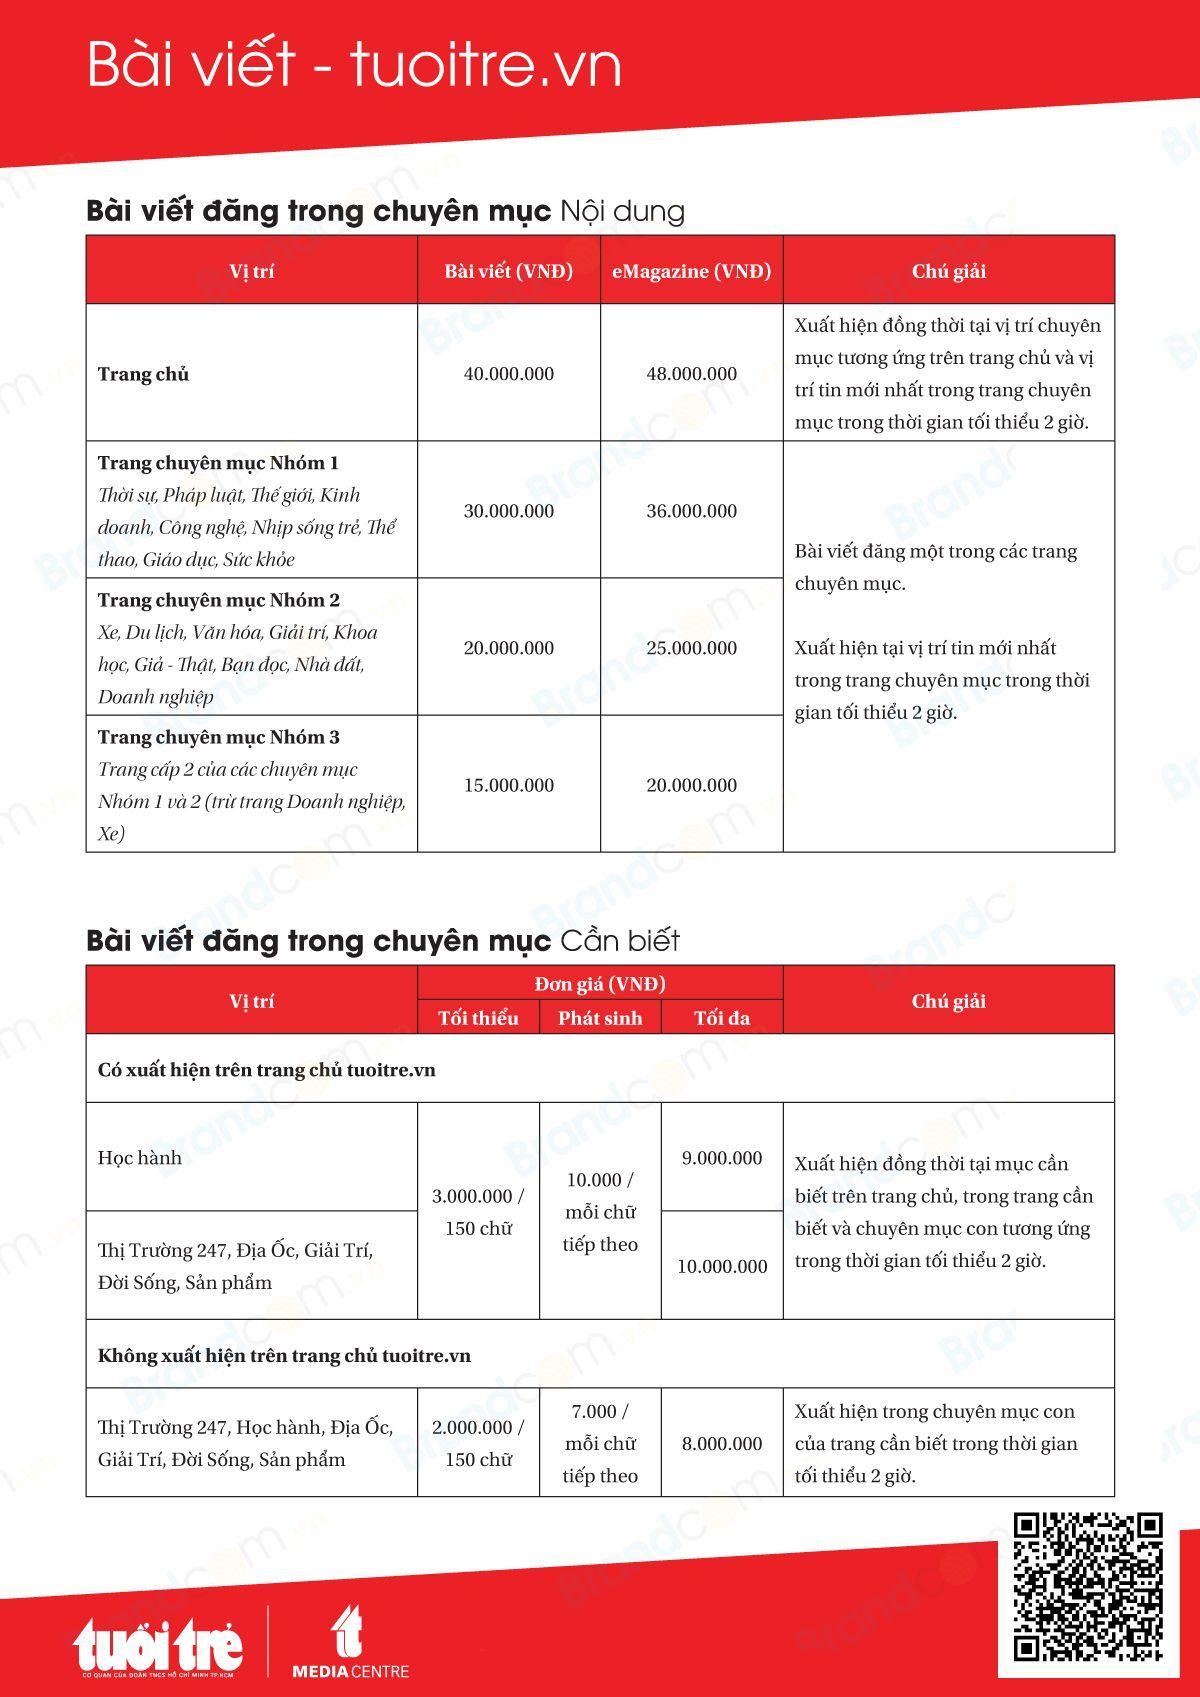 Bảng giá quảng cáo bài PR trên báo tuổi trẻ 2020